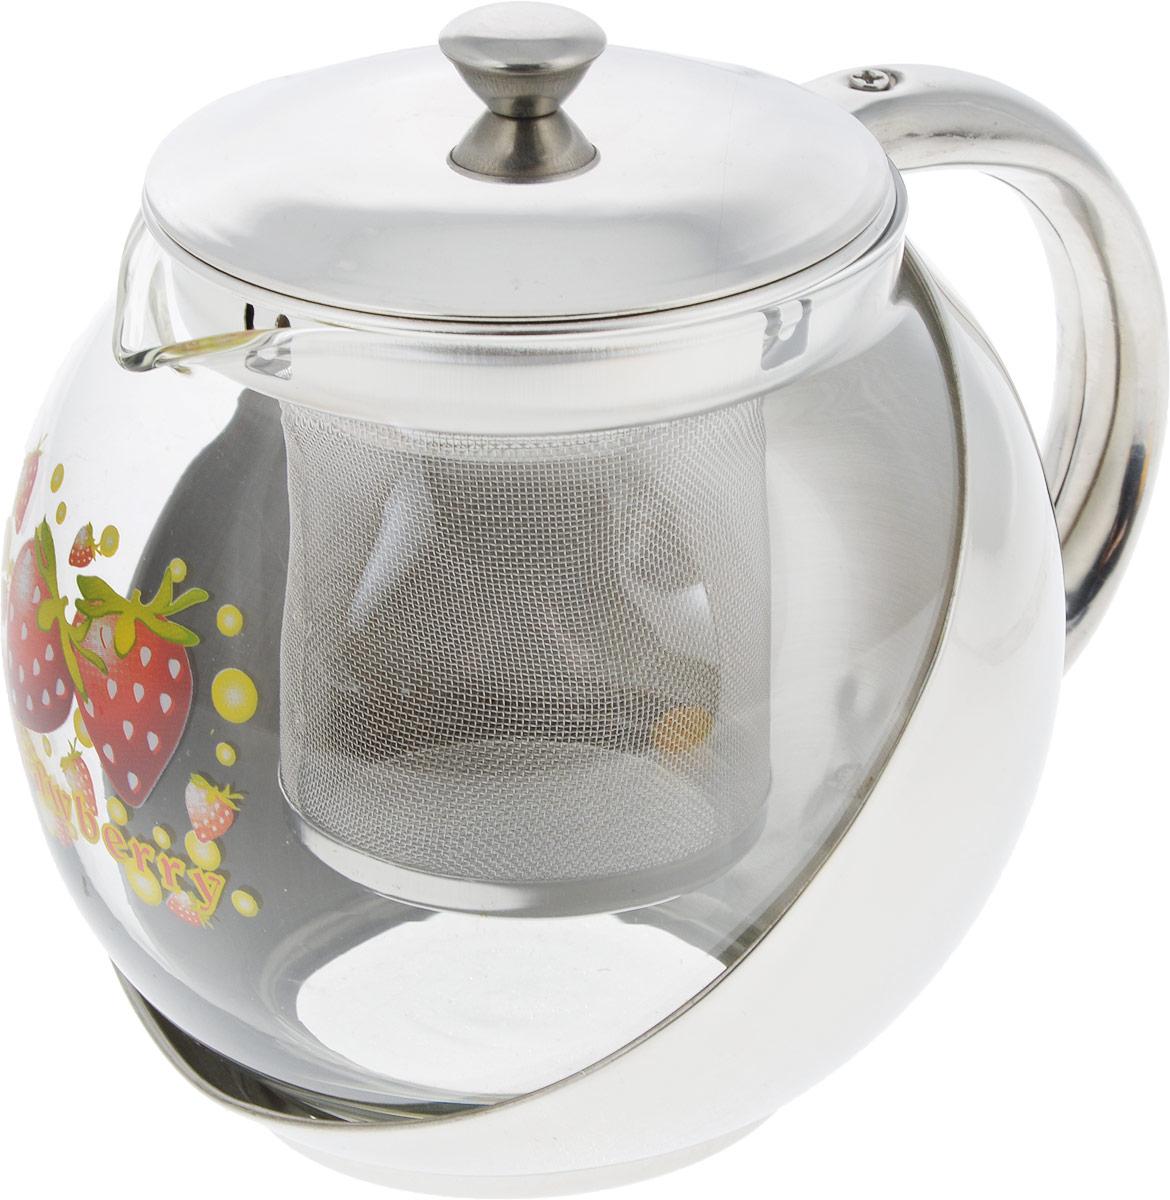 Чайник заварочный Mayer & Boch Клубника, с фильтром, 700 мл2025_клубникаЗаварочный чайник Mayer & Boch Клубника позволит быстро и просто приготовить свежий и ароматный чай или кофе. Съемный фильтр из нержавеющей стали поможет приготовить чистый напиток без частиц заварки, а прозрачные стенки стеклянной колбы позволят наблюдать за приготовлением напитка. Изящный и современный стиль чайника прекрасно подчеркнет декор любой кухни. Диаметр (по верхнему краю): 8 см. Высота: 11 см.